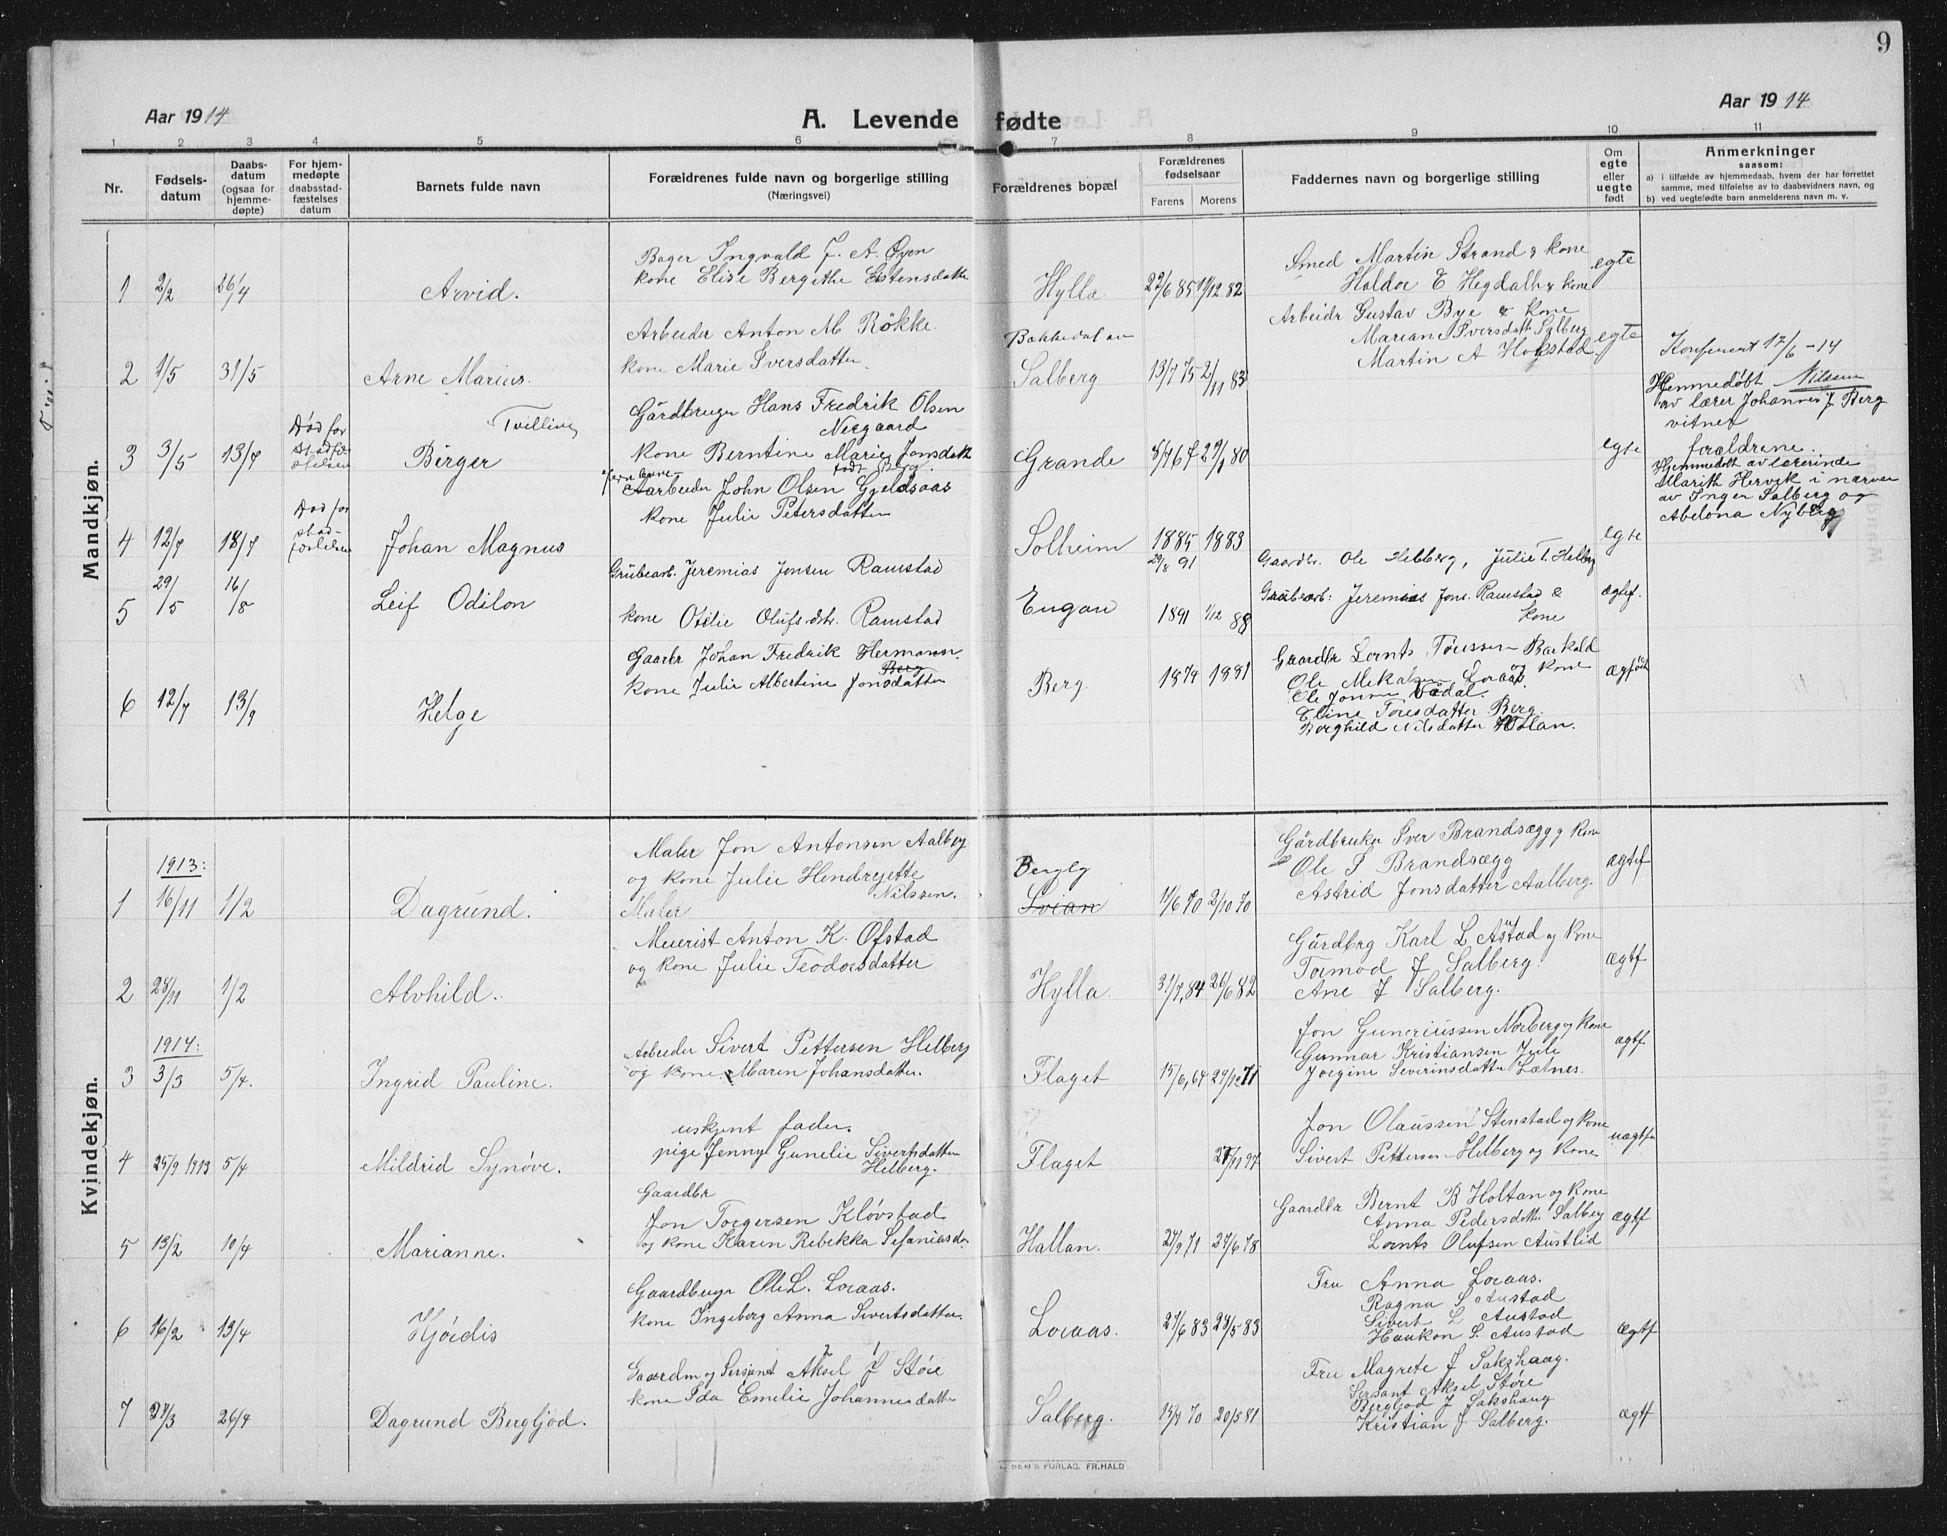 SAT, Ministerialprotokoller, klokkerbøker og fødselsregistre - Nord-Trøndelag, 731/L0312: Klokkerbok nr. 731C03, 1911-1935, s. 9